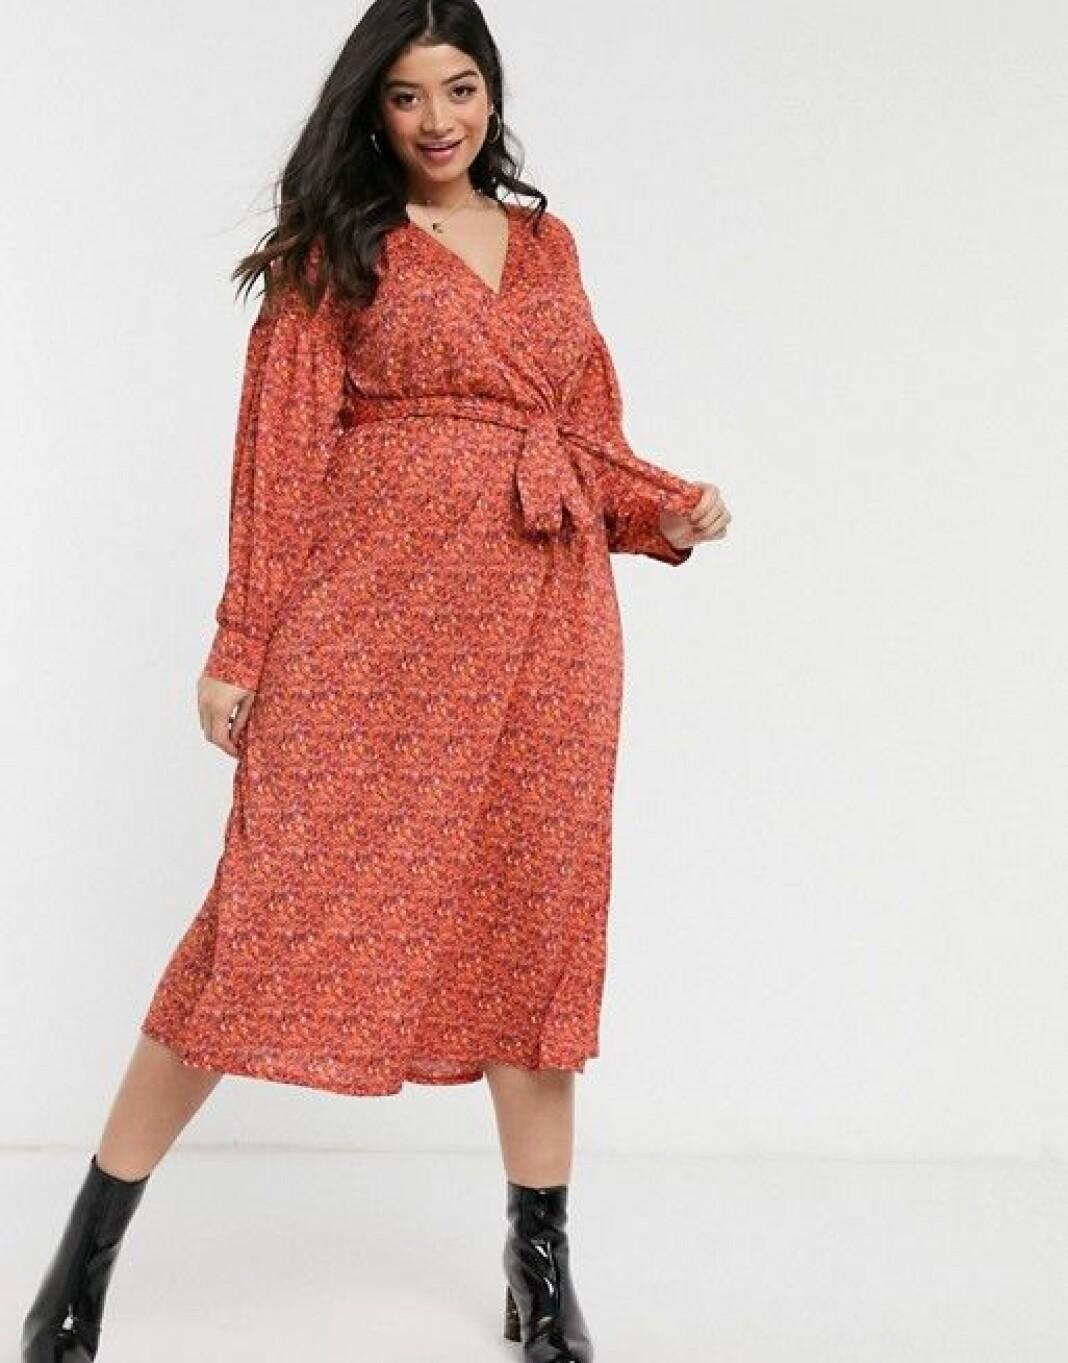 En omlottklänning i blommigt mönster från Asos design